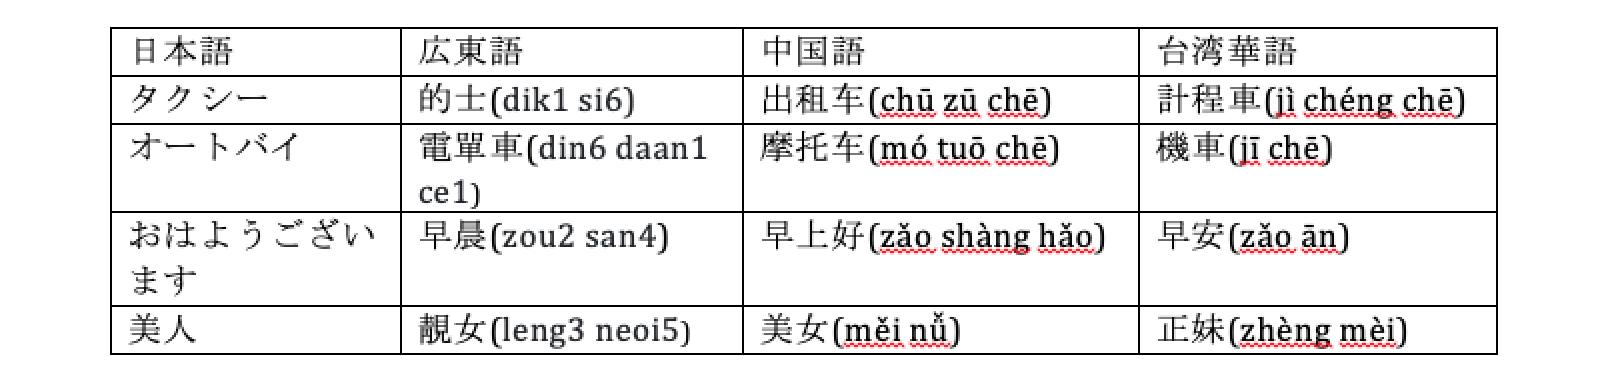 台湾 違い と 香港 の